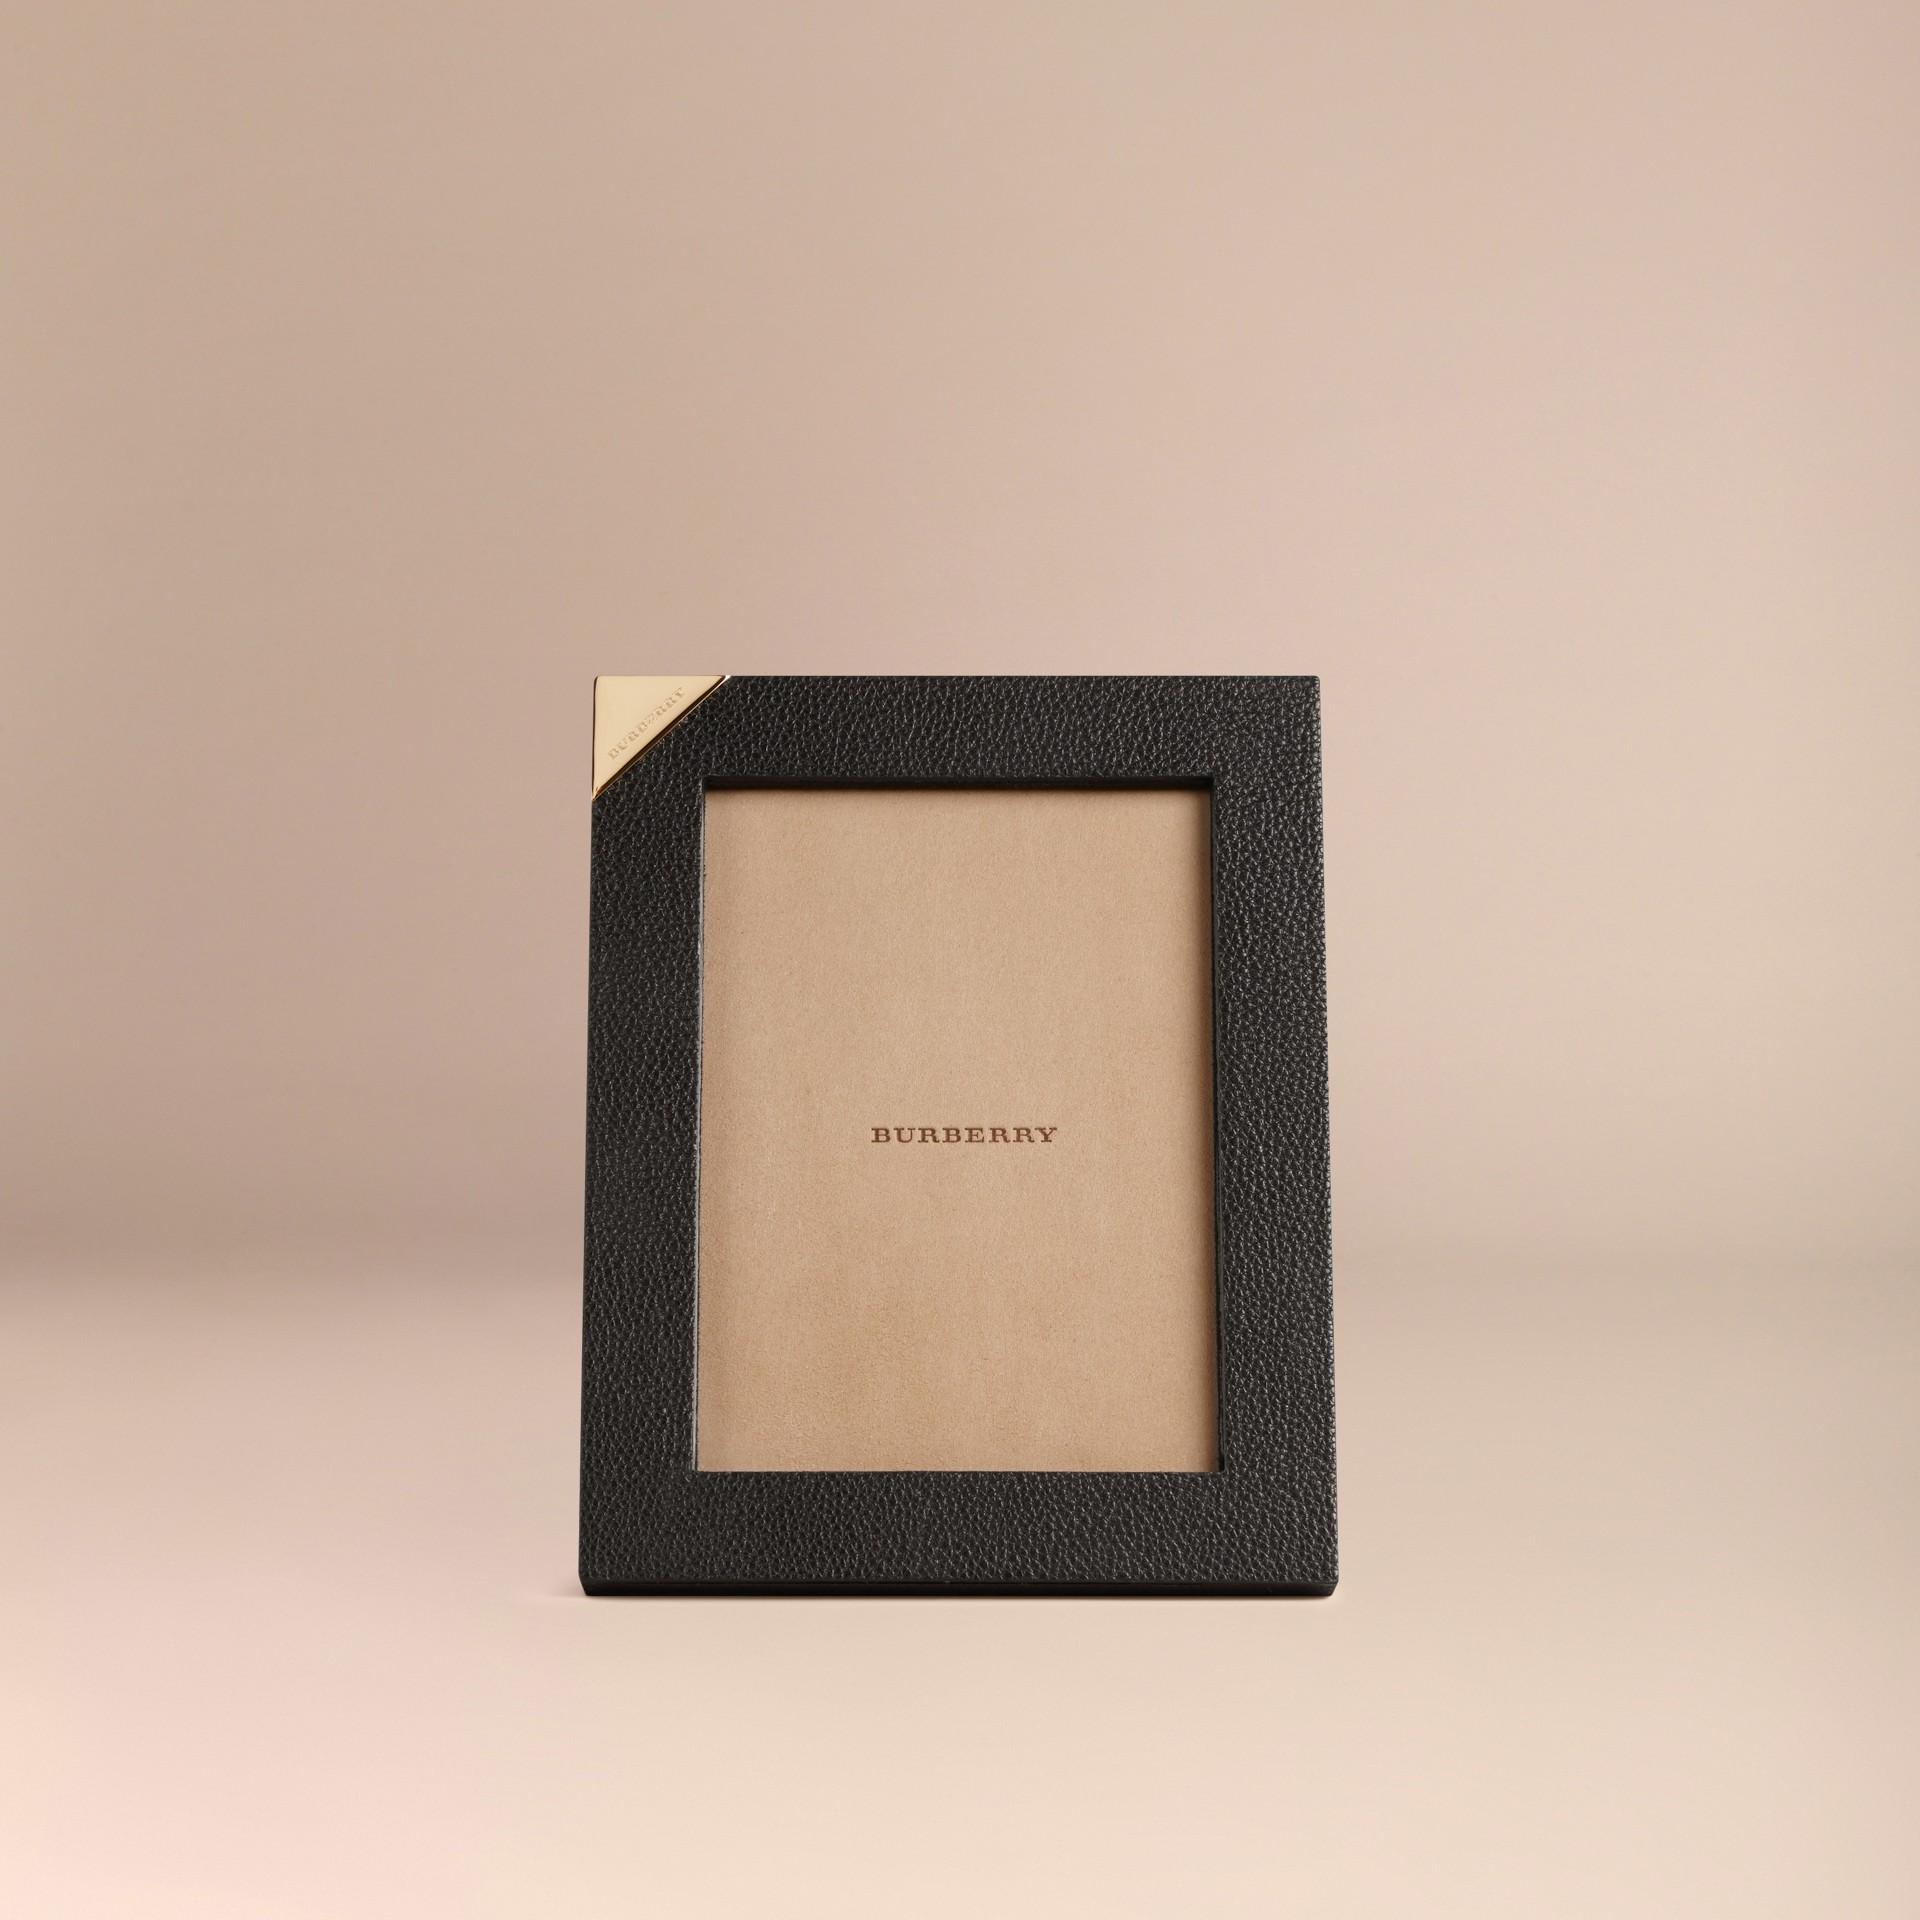 Schwarz Mittelgroßer Bilderrahmen aus genarbtem Leder Schwarz - Galerie-Bild 2